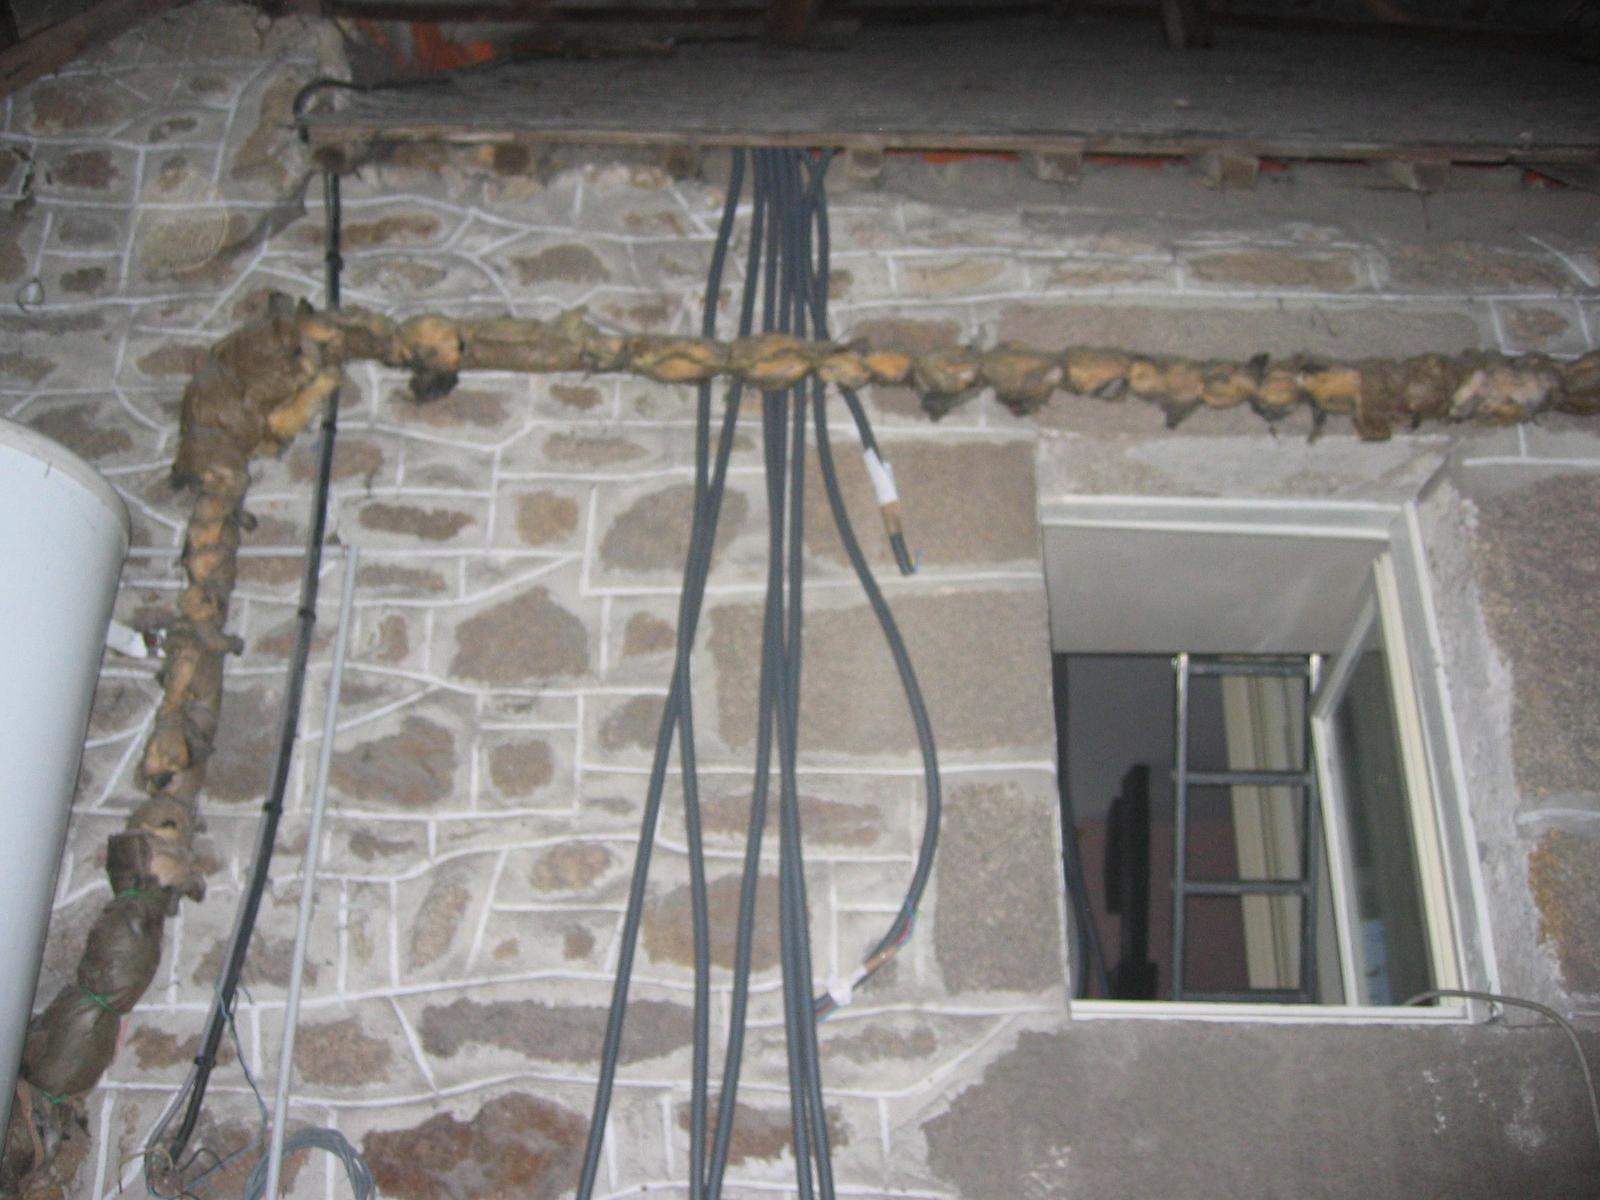 Comment Agrandir Fenêtre De 70x40cm Pour Faire Un Passage Maçonnerie